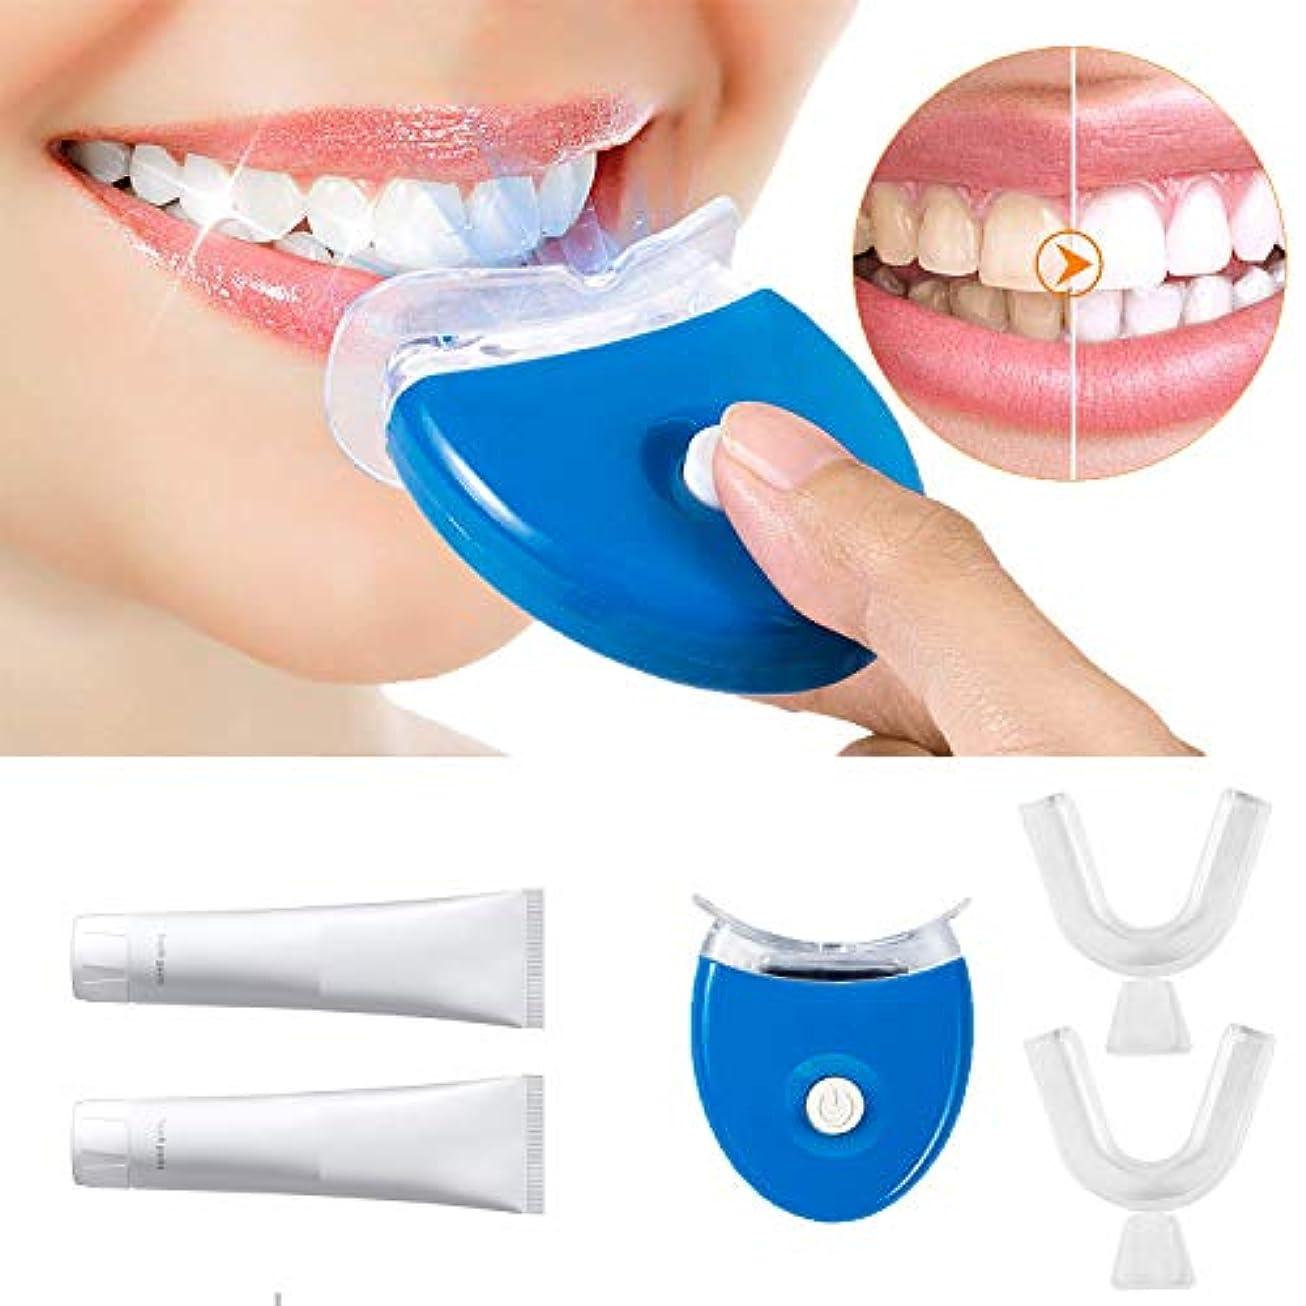 柔らかい足愛国的な四面体ホワイトニング 歯ホワイトニング器 歯美白器 美歯器 歯 ホワイトニング ホワイトナー ケア 歯の消しゴム 歯科機器 口腔ゲルキット ブルー